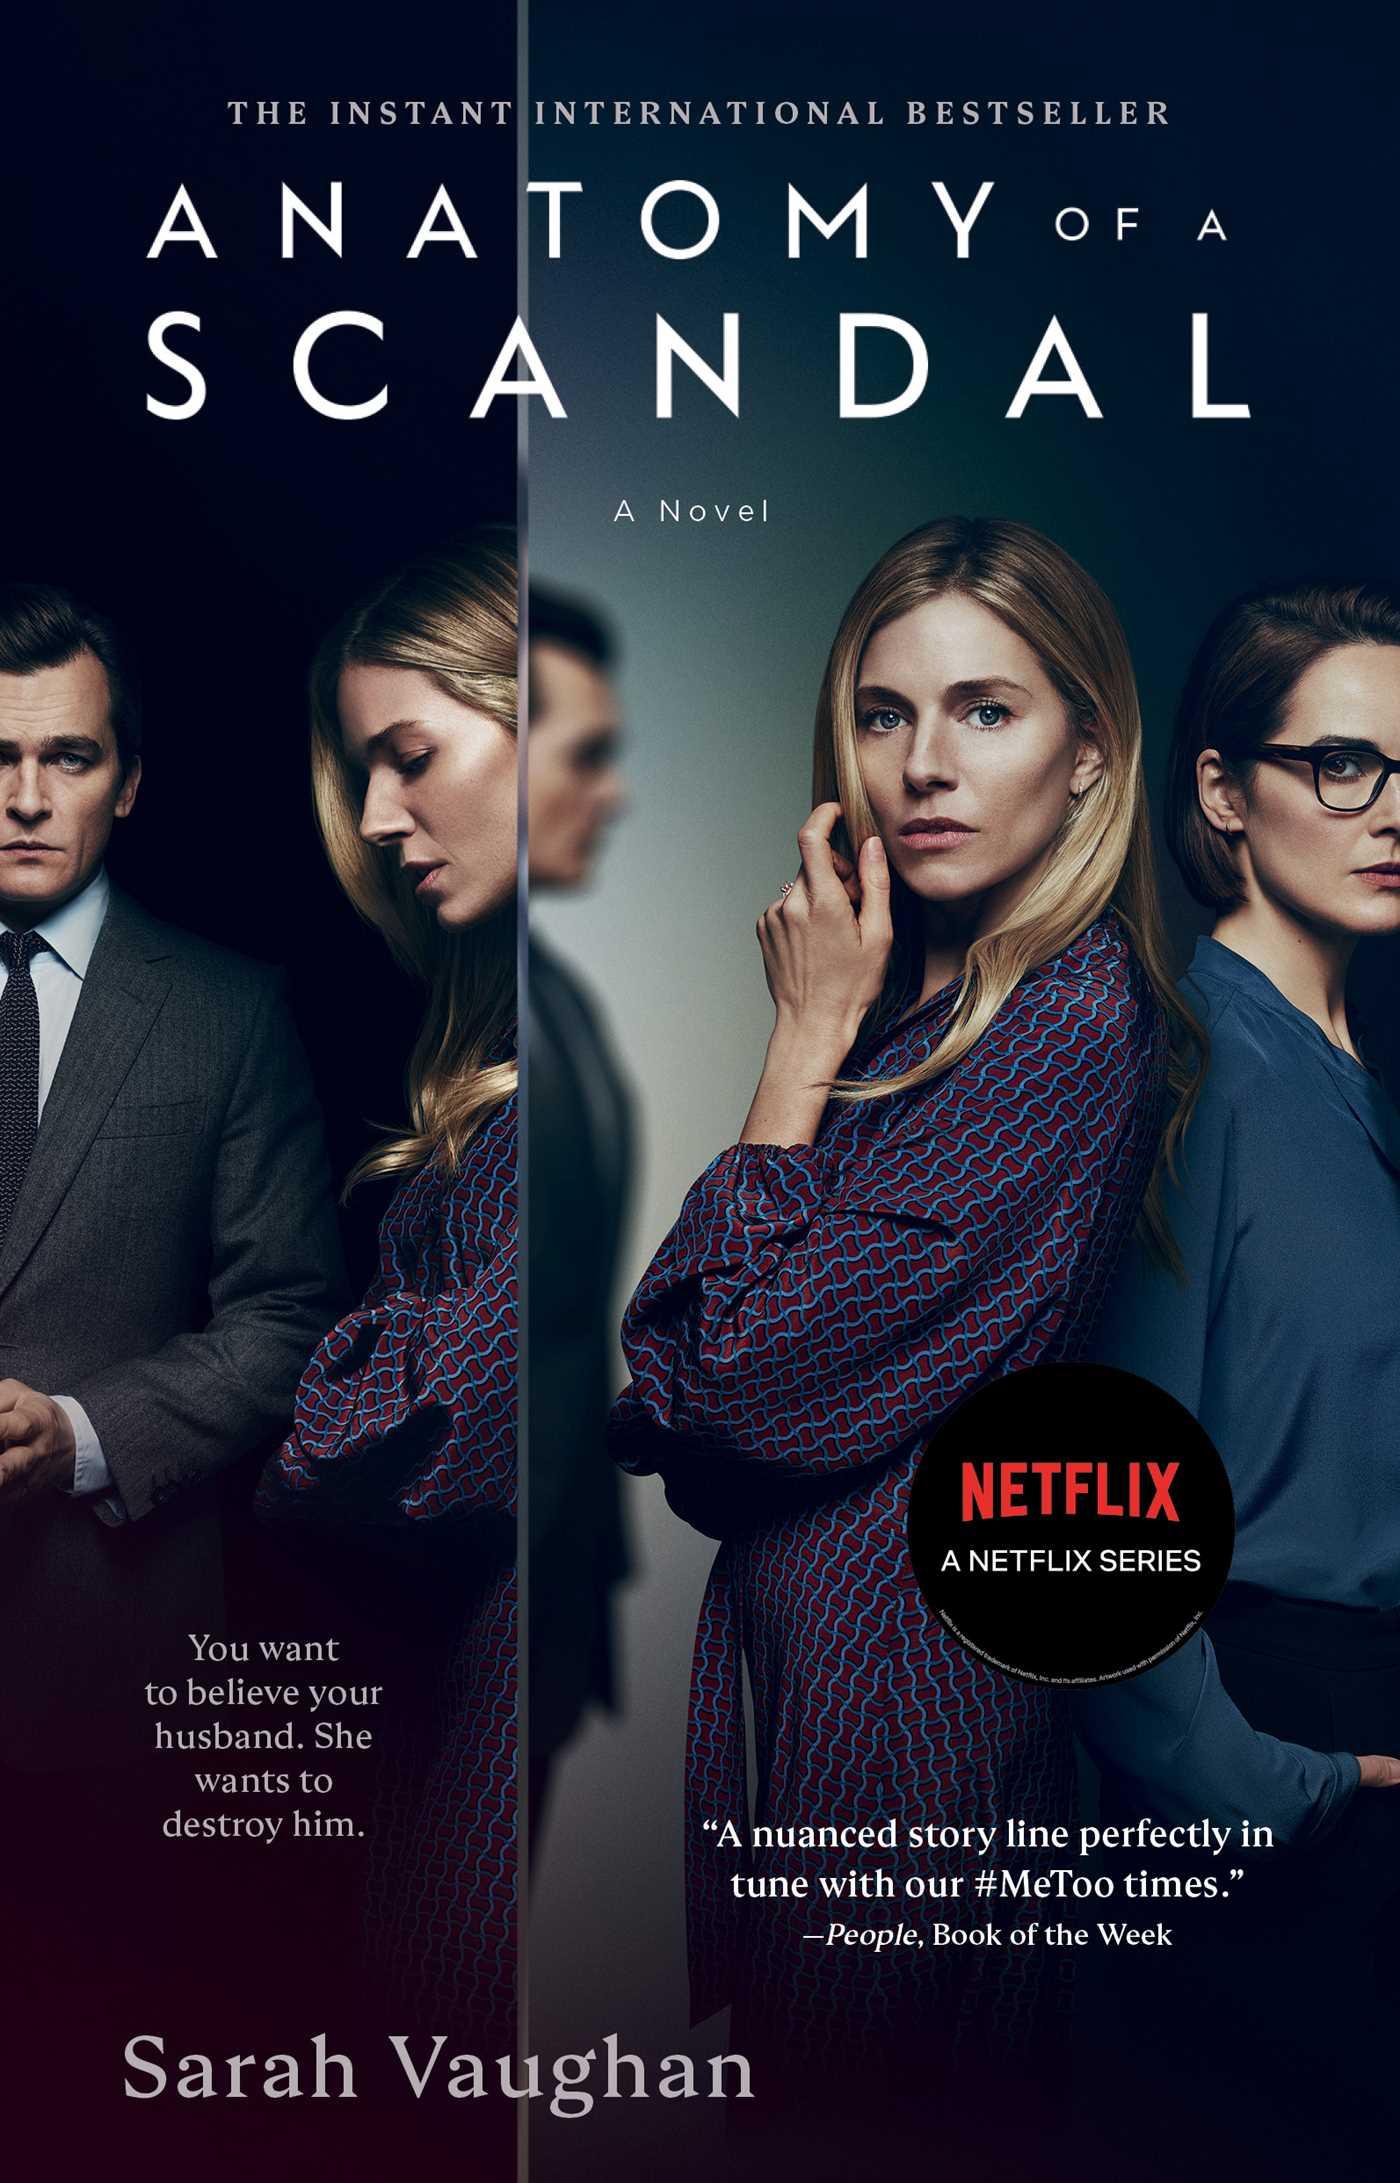 Anatomy of a scandal 9781501172182 hr